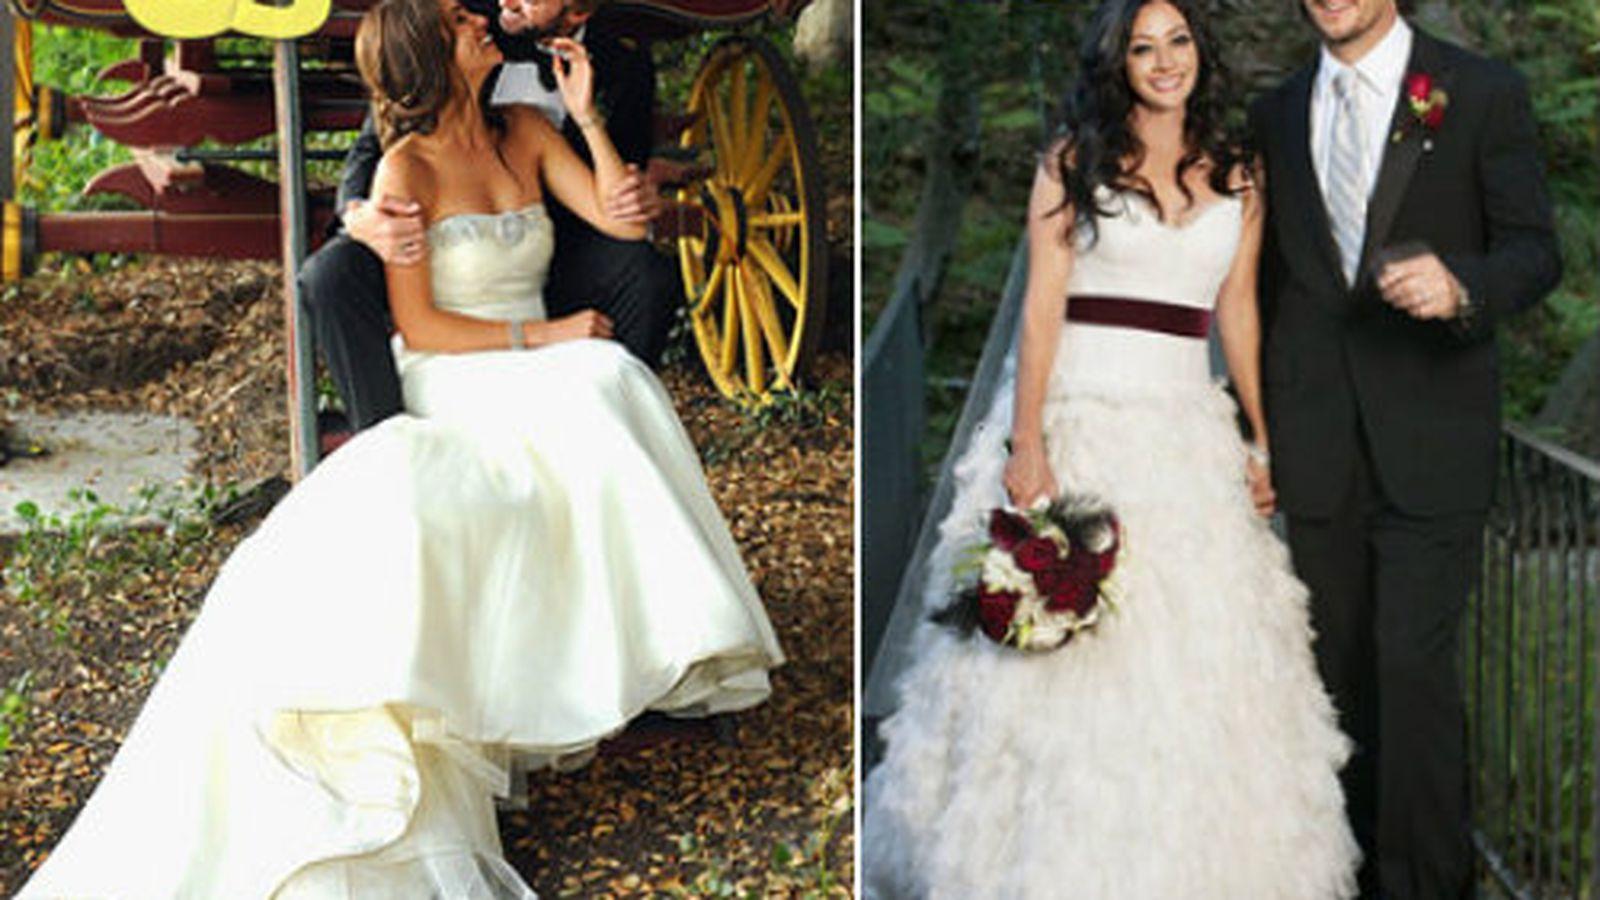 Battle of the wedding dresses shannen doherty vs nikki for Double sided tape for wedding dress